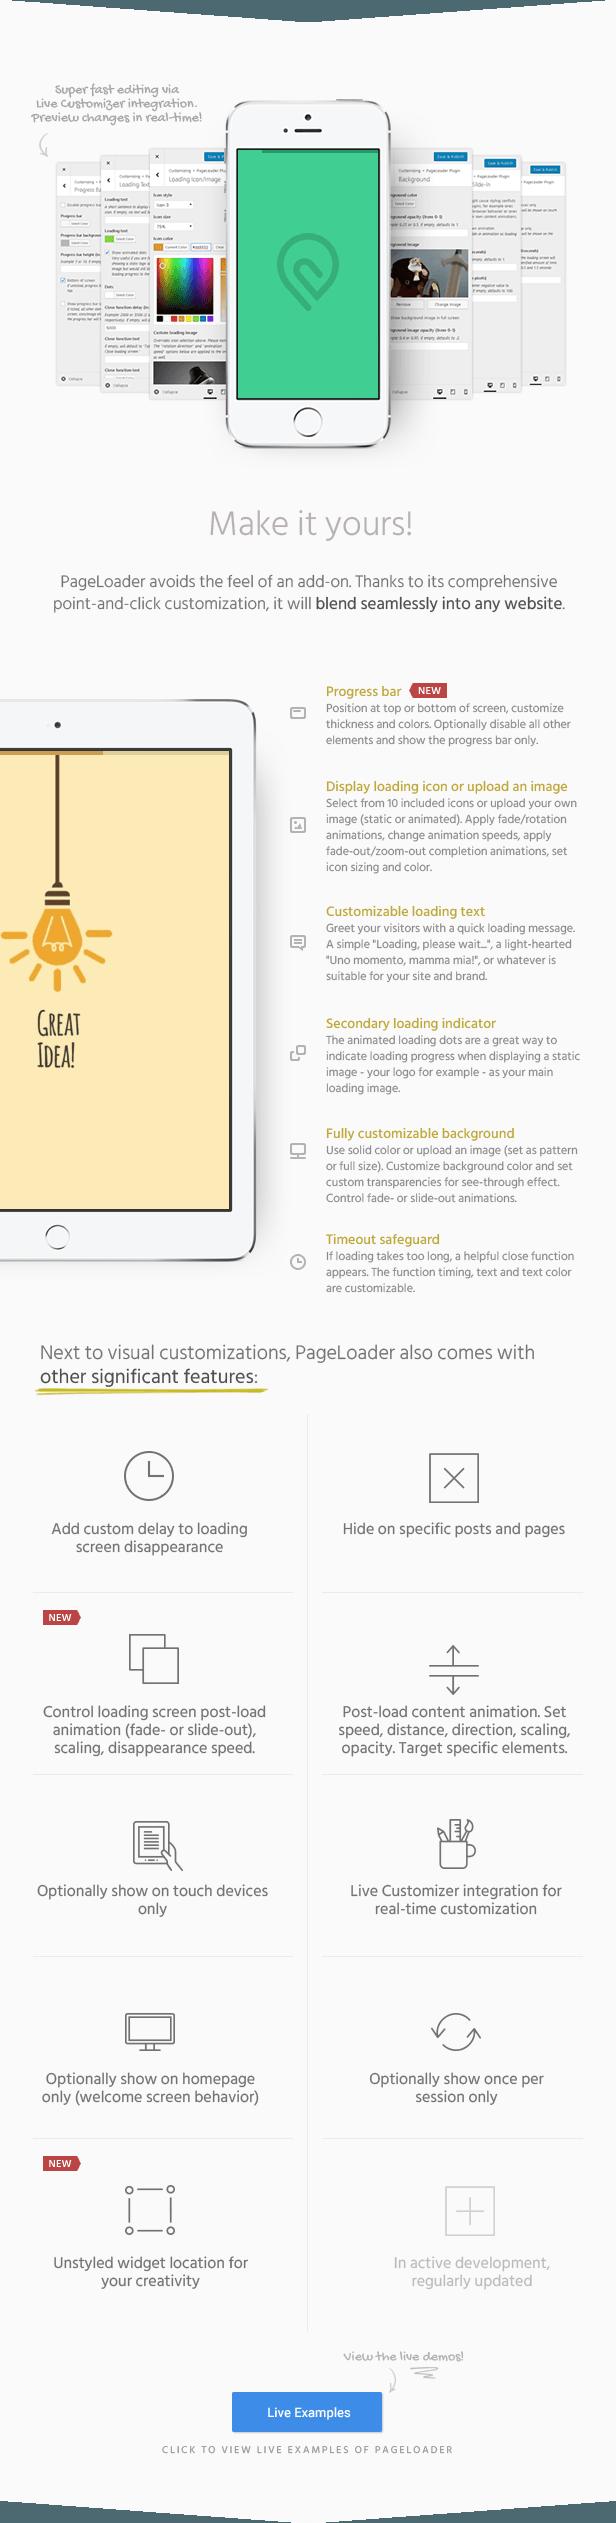 pageloader3 1 - PageLoader: Loading Screen and Progress Bar for WordPress